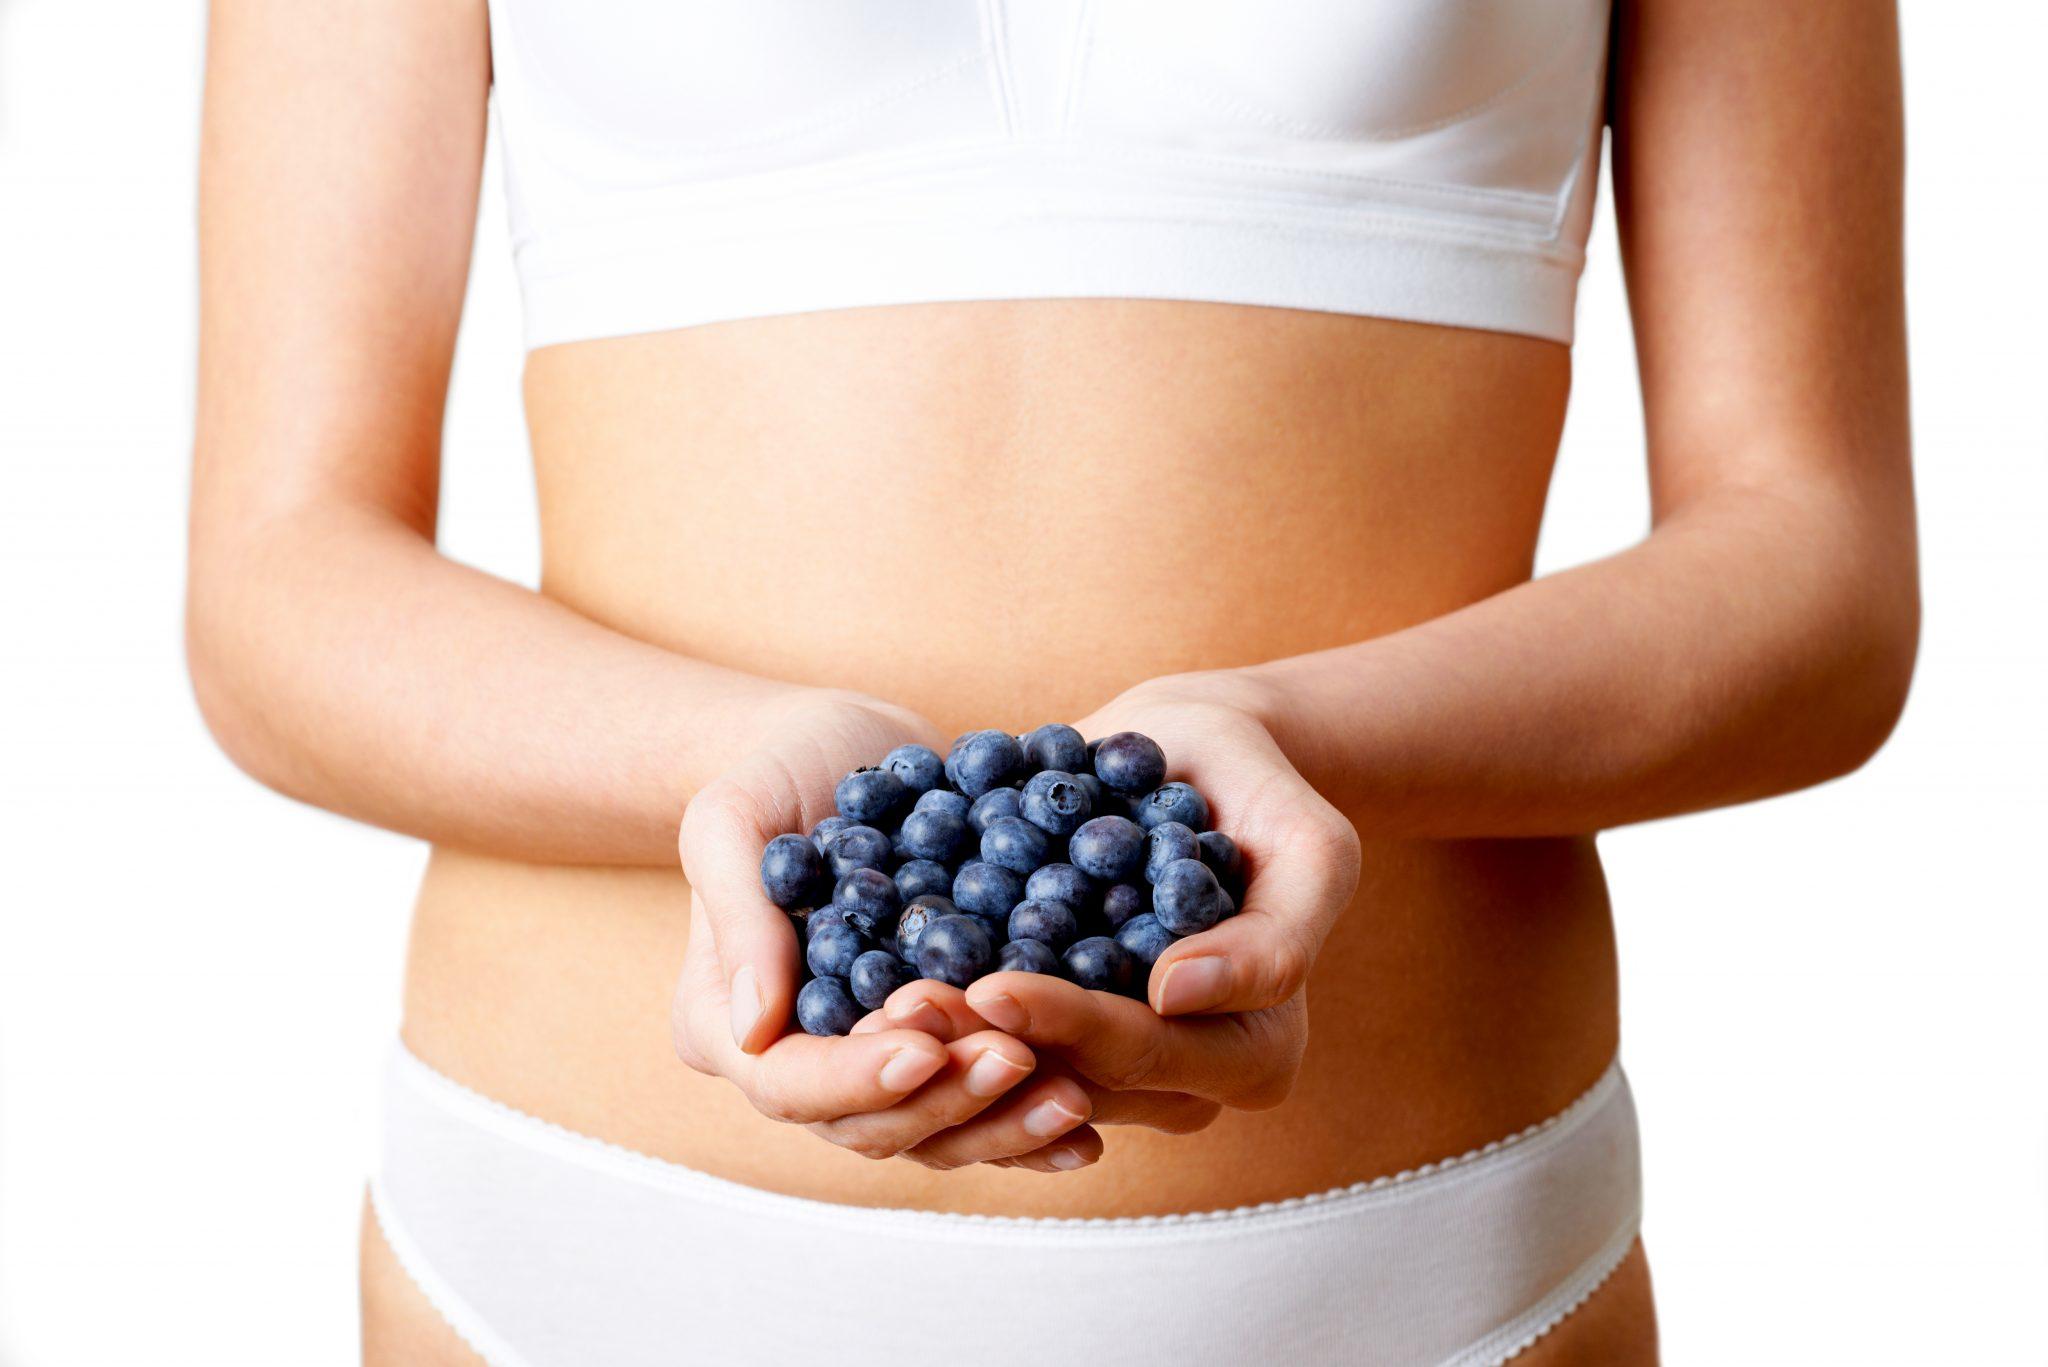 腸内環境を整えてくれるブルーベリー